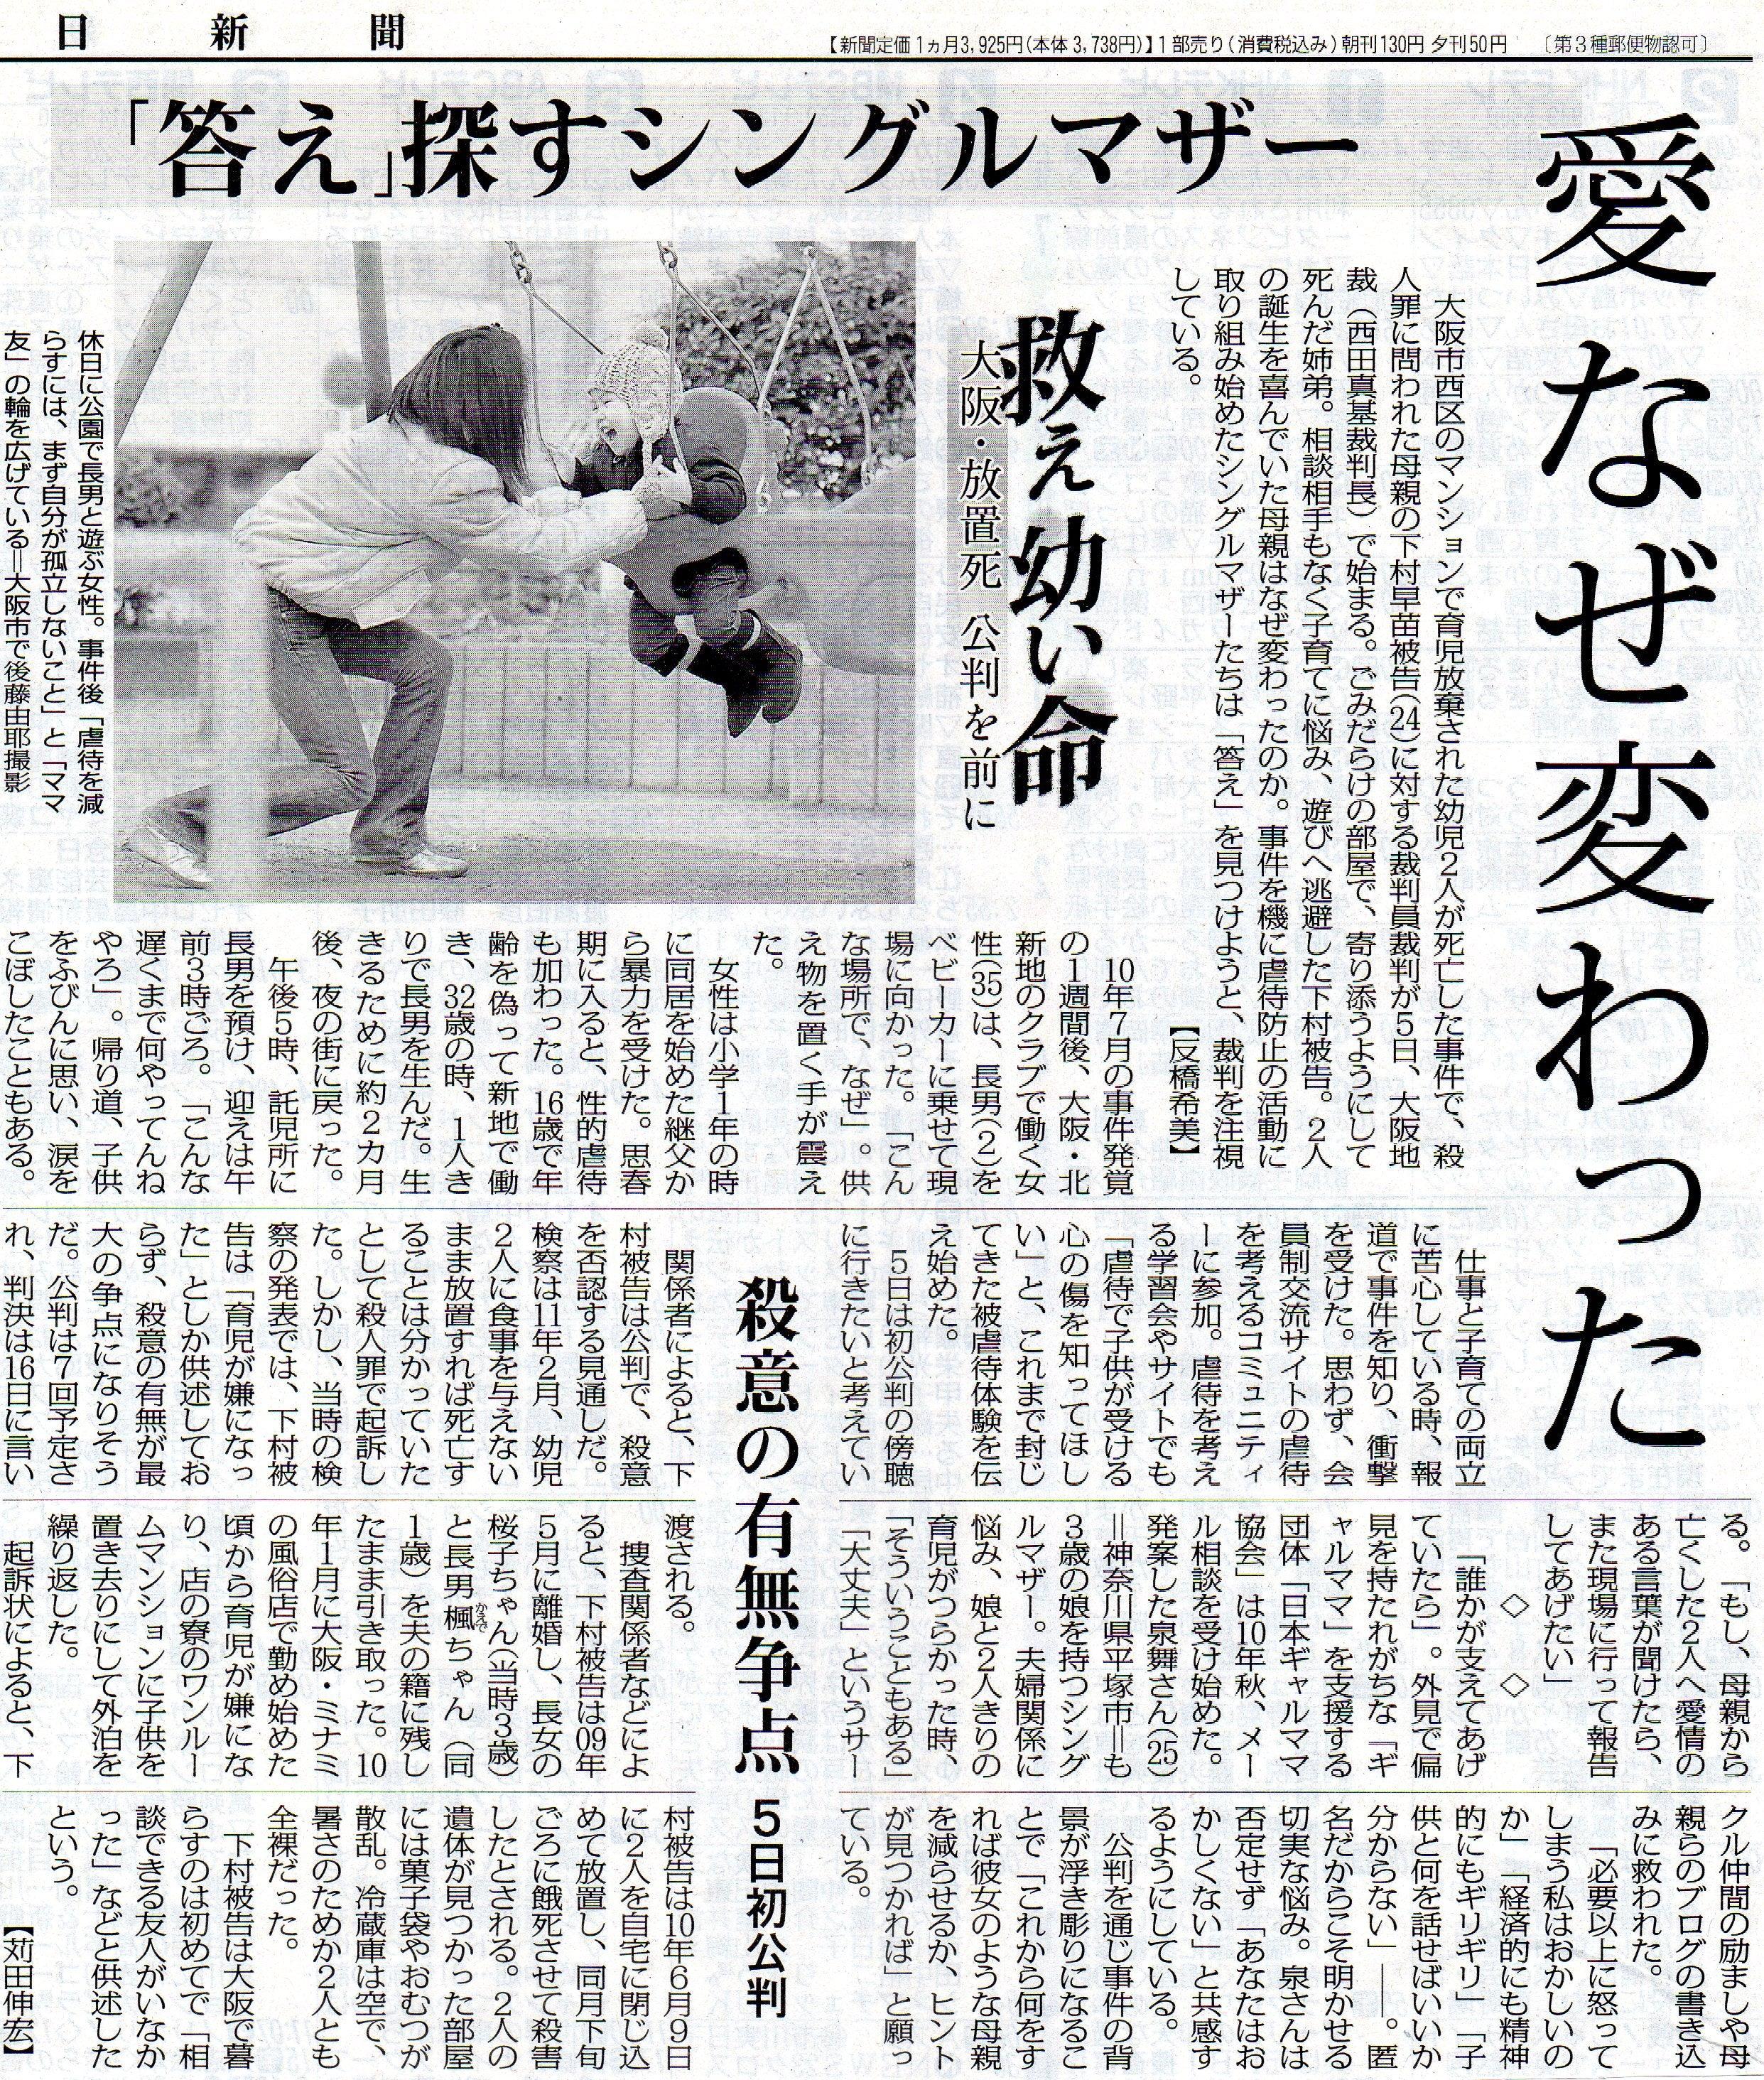 置き去り 児 死 二 事件 大阪